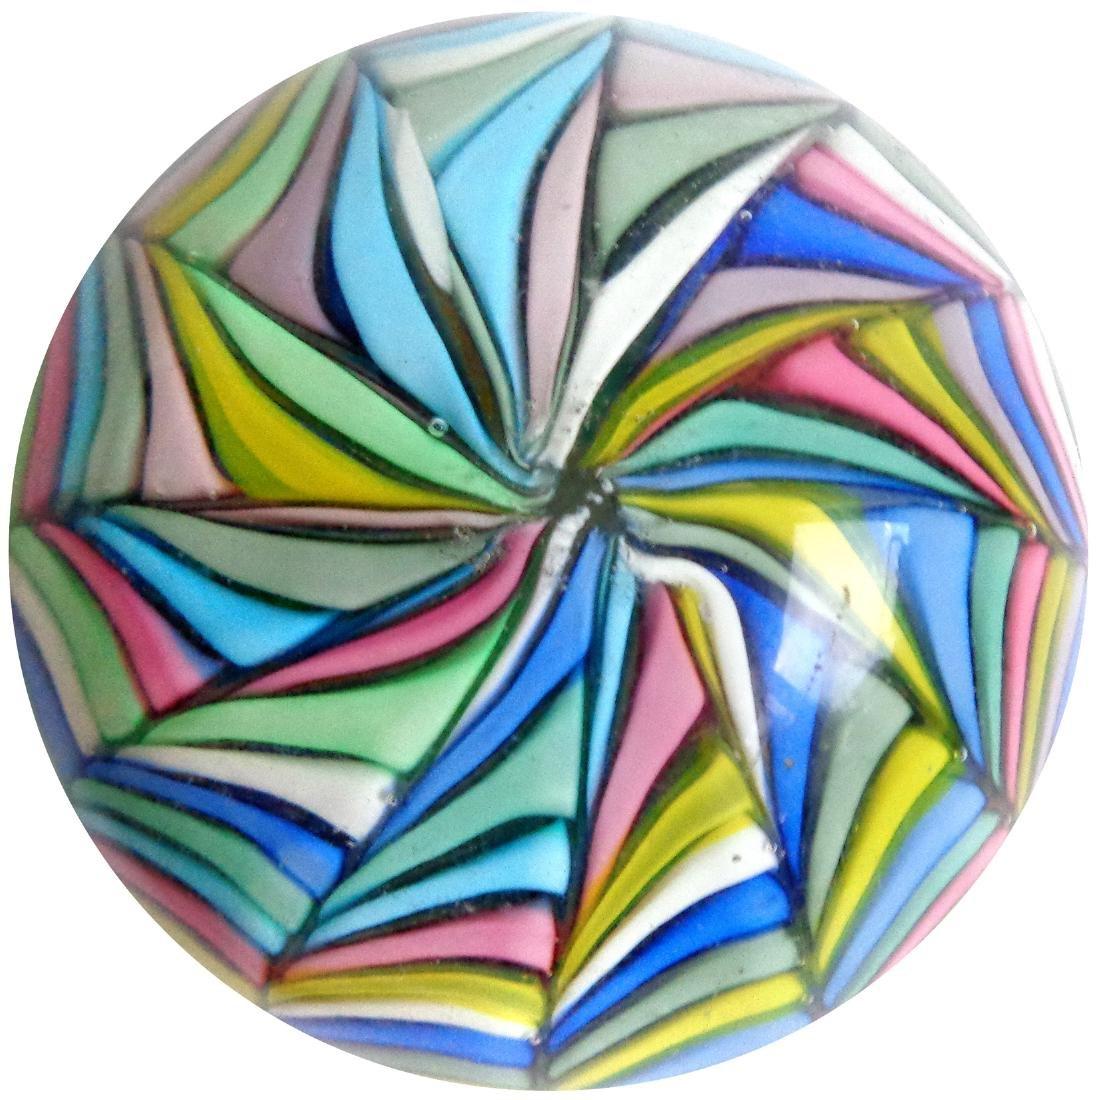 Fratelli Toso Murano Rainbow Swirl Paperweight